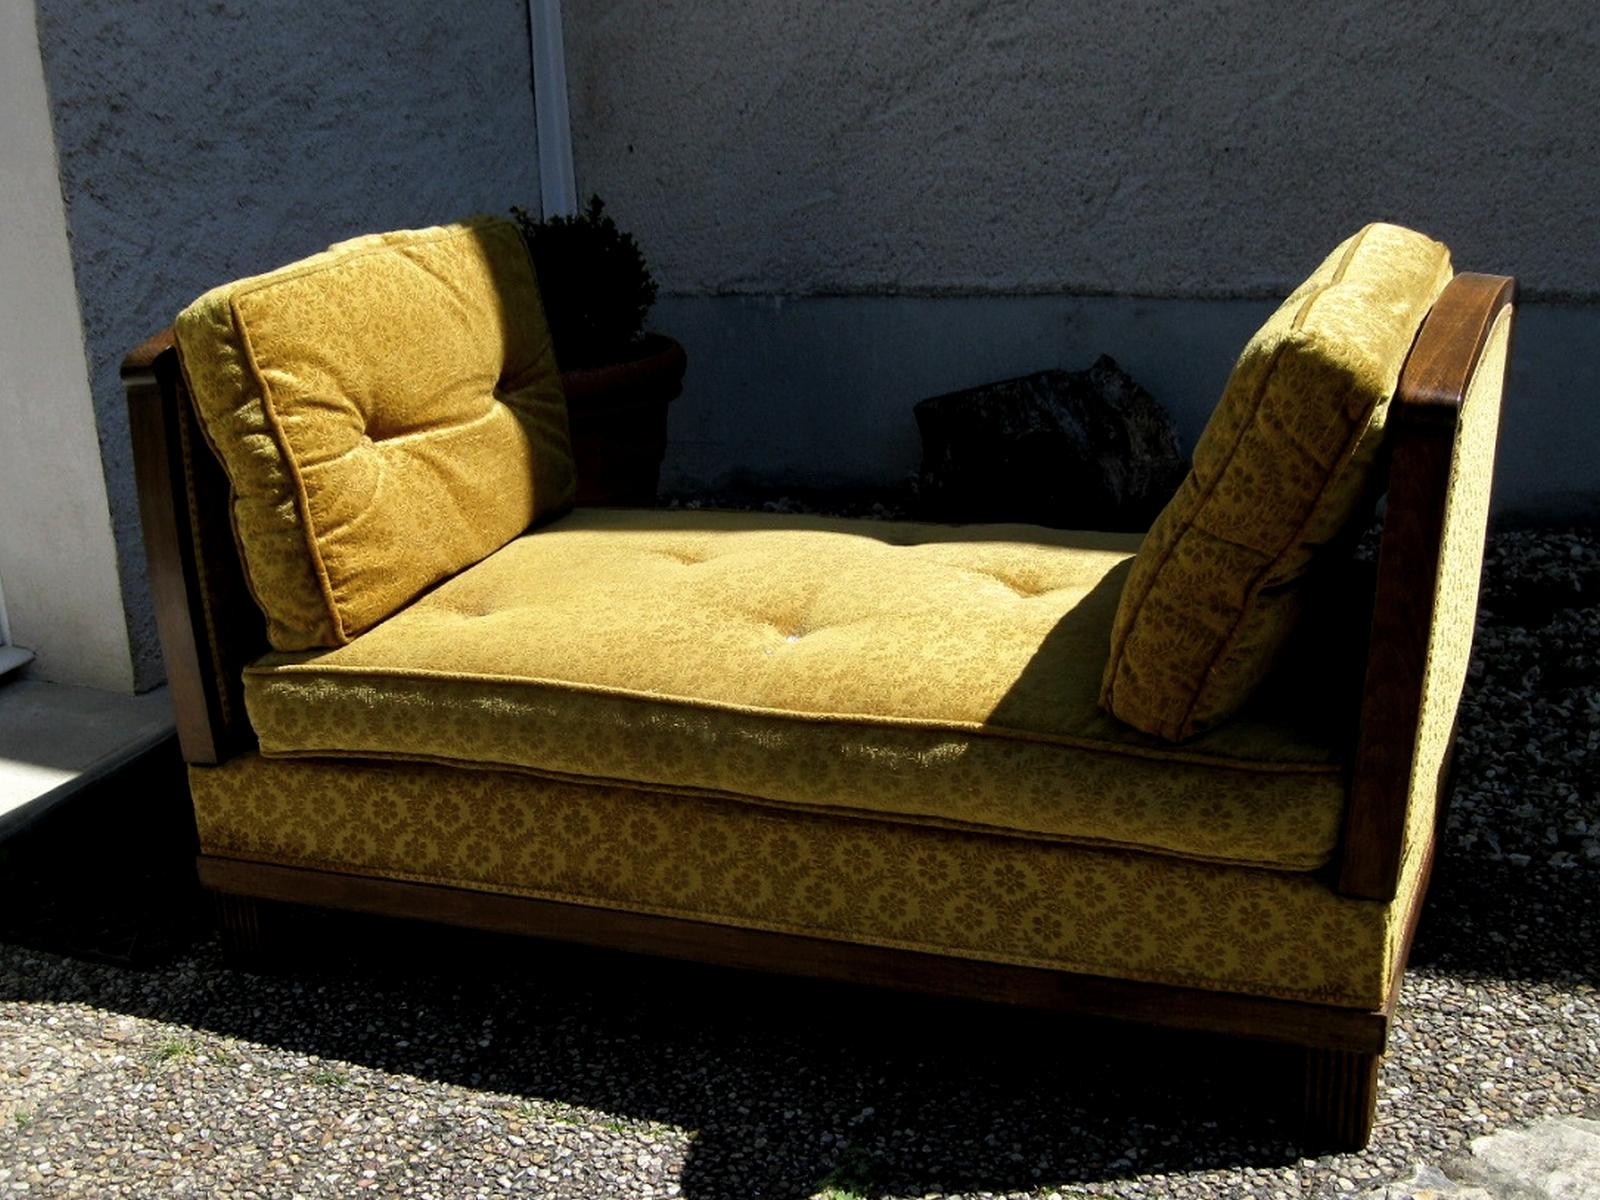 Lit de repos - siège avant restauration